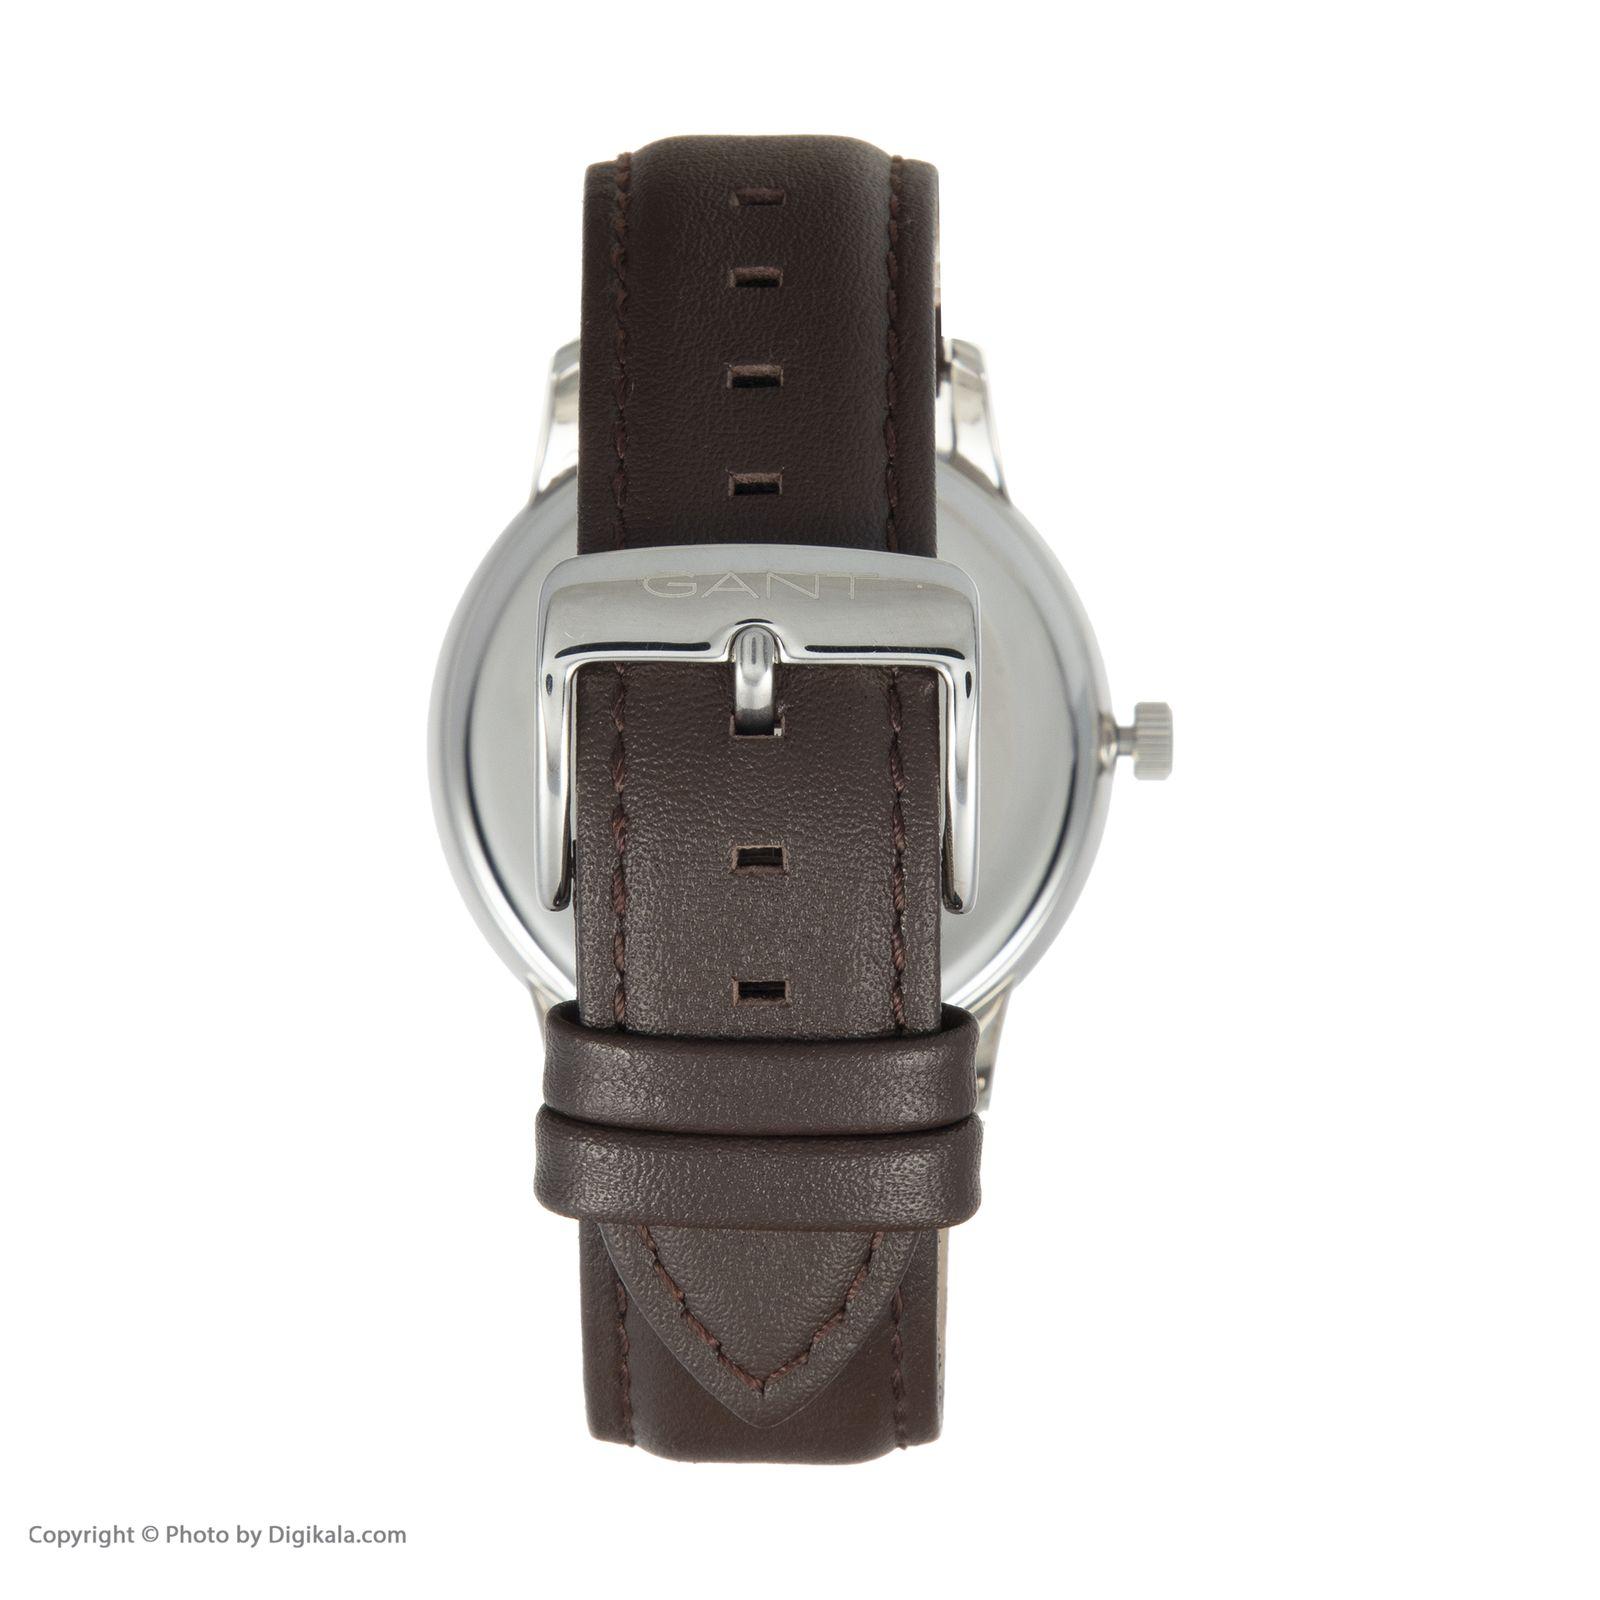 ساعت مچی عقربه ای مردانه گنت مدل GWW048006 -  - 5